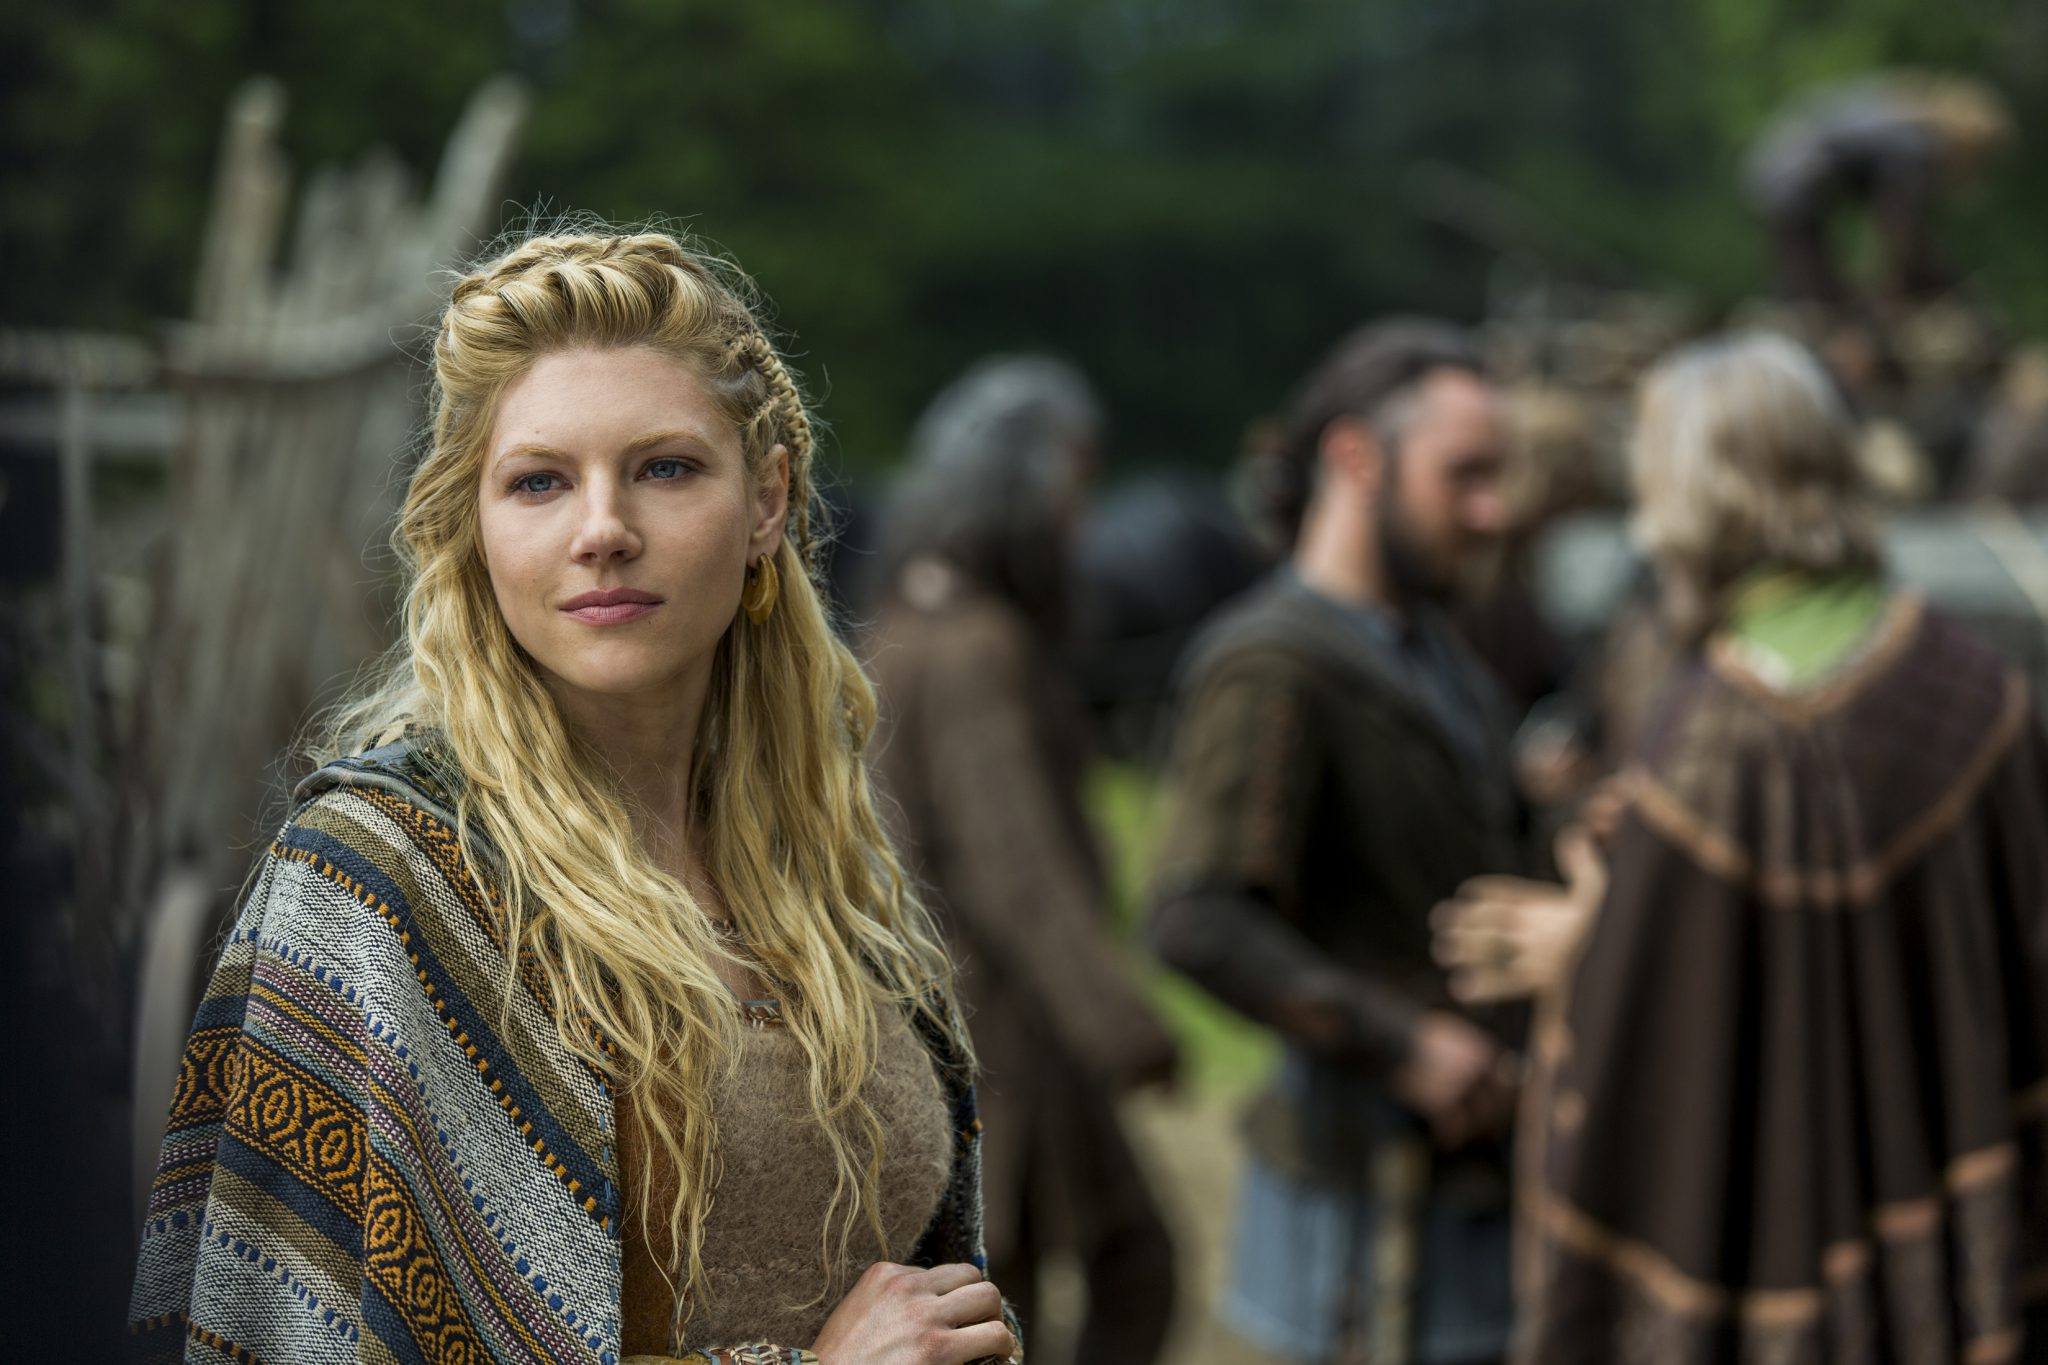 Прически из викингов фото 11